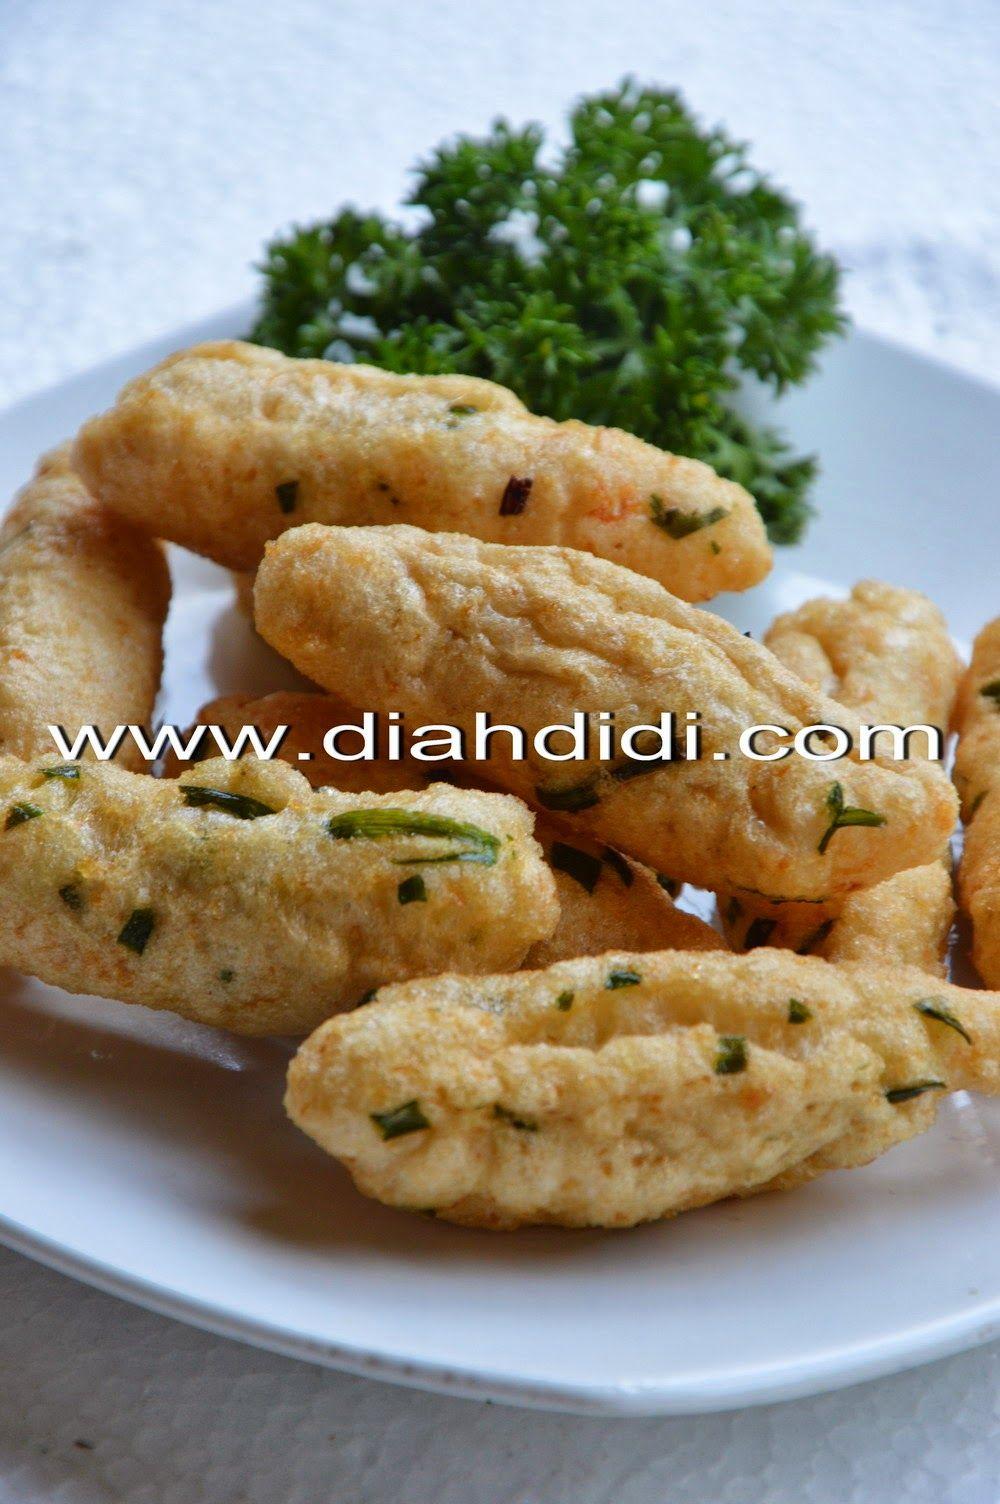 Resep Otak Otak Goreng Abang Abang : resep, goreng, abang, Snack, Ideas, Indonesian, Food,, Desserts